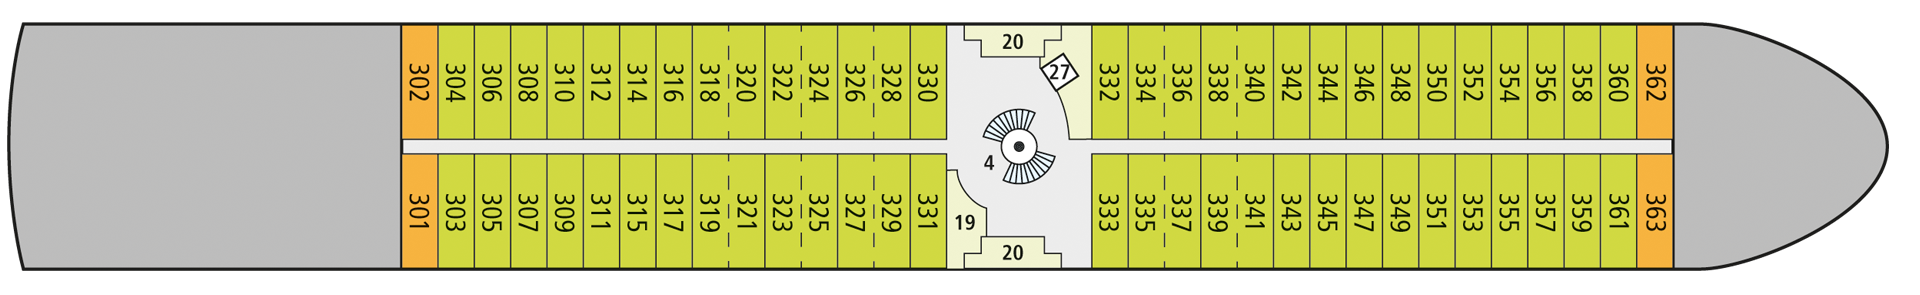 A-ROSA SENA Deck 3